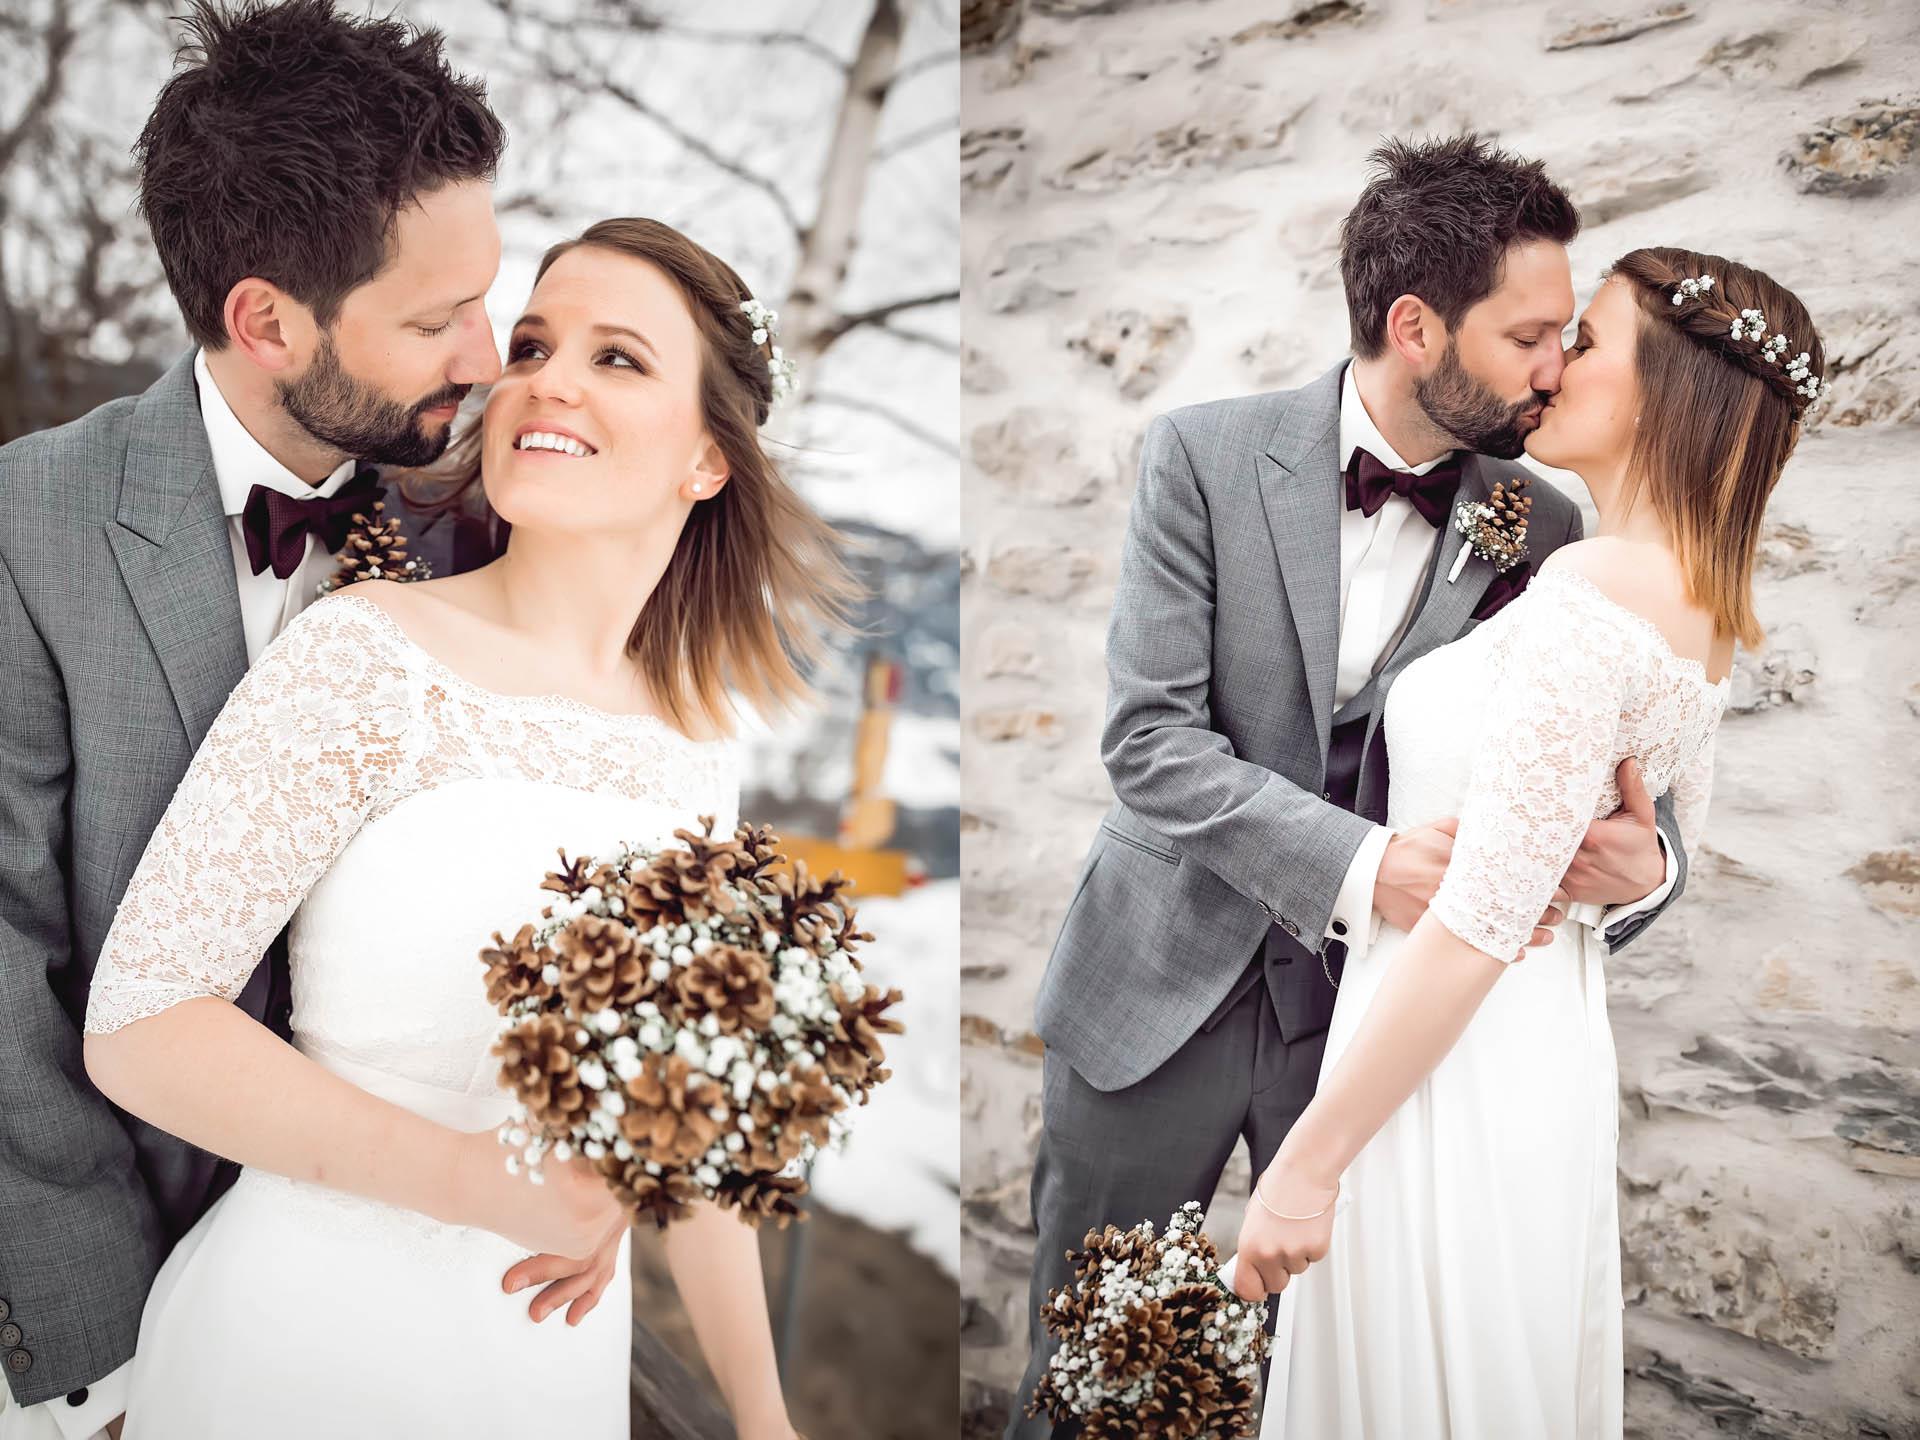 Brautpaar schaut sich an und küsst sich